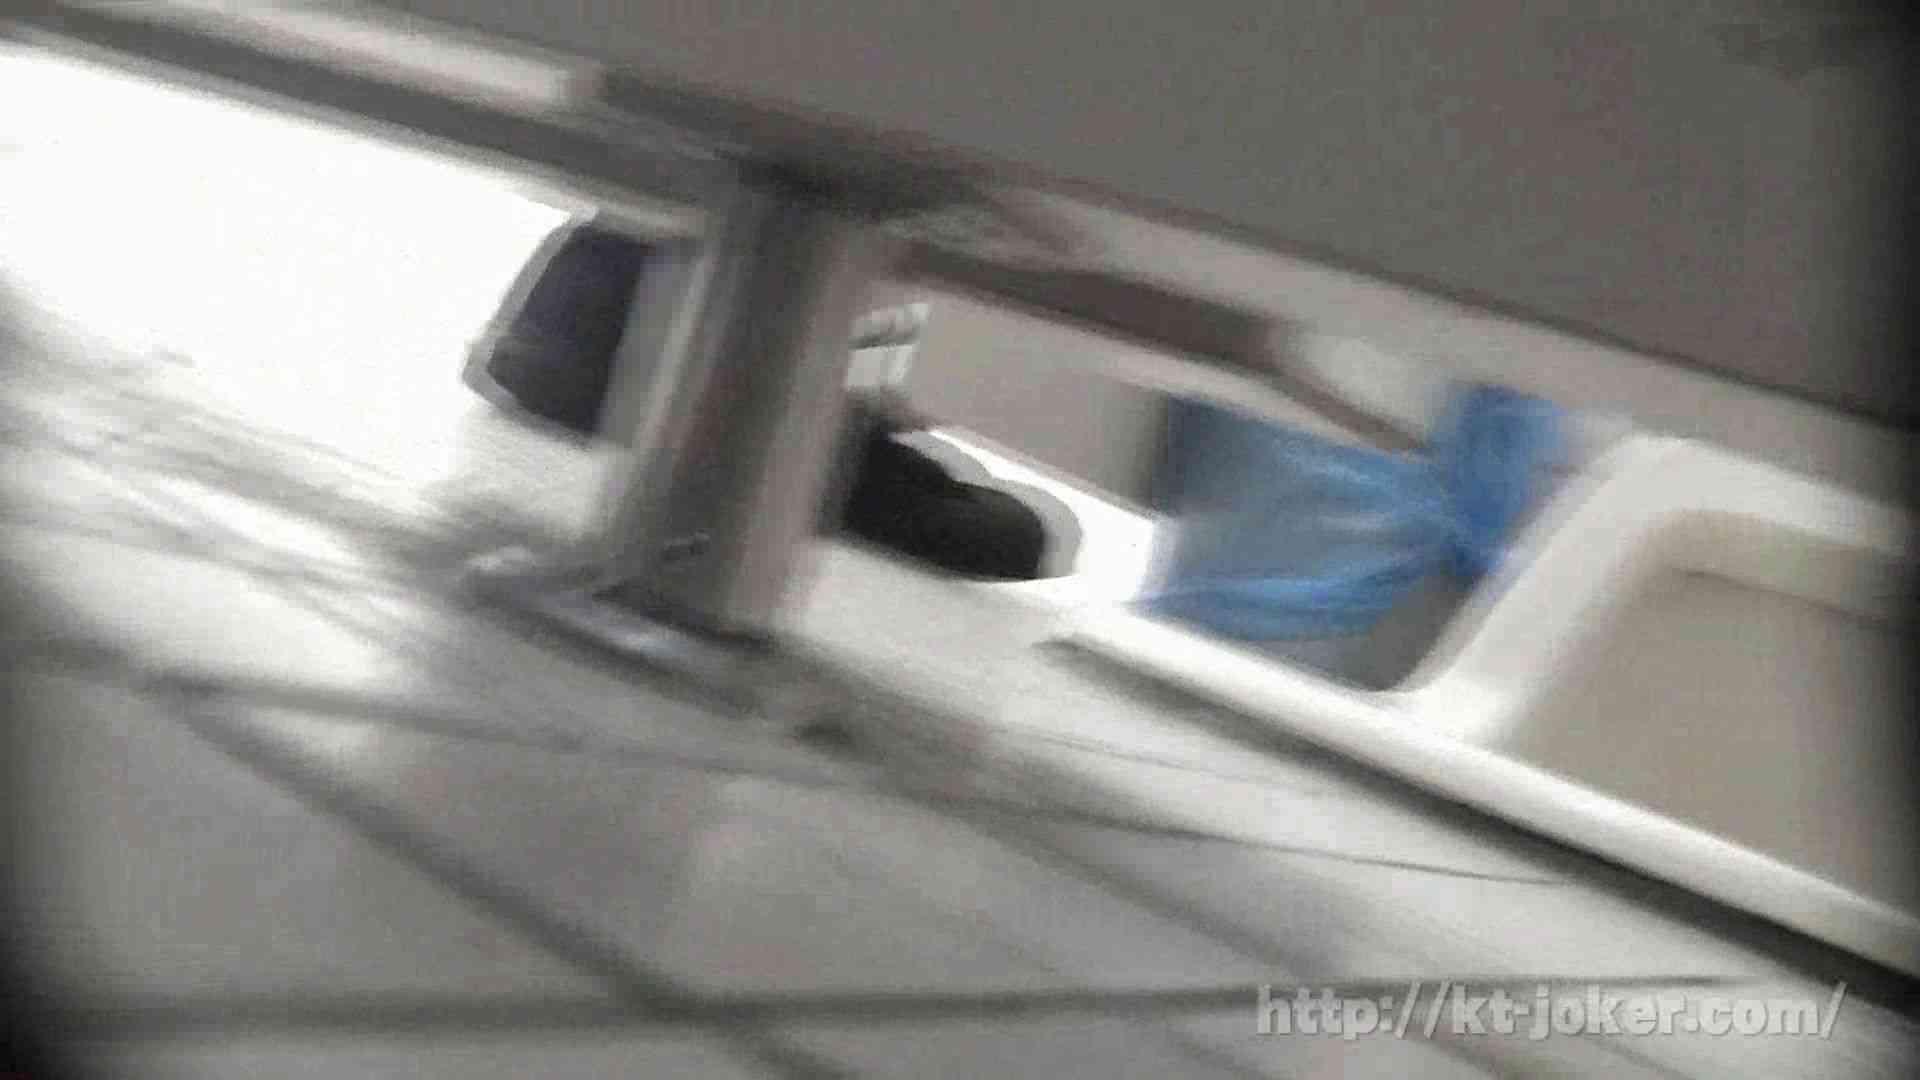 命がけ潜伏洗面所! vol.69 あのかわいい子がついフロント撮り実演 洗面所 | プライベート投稿  83PIX 22